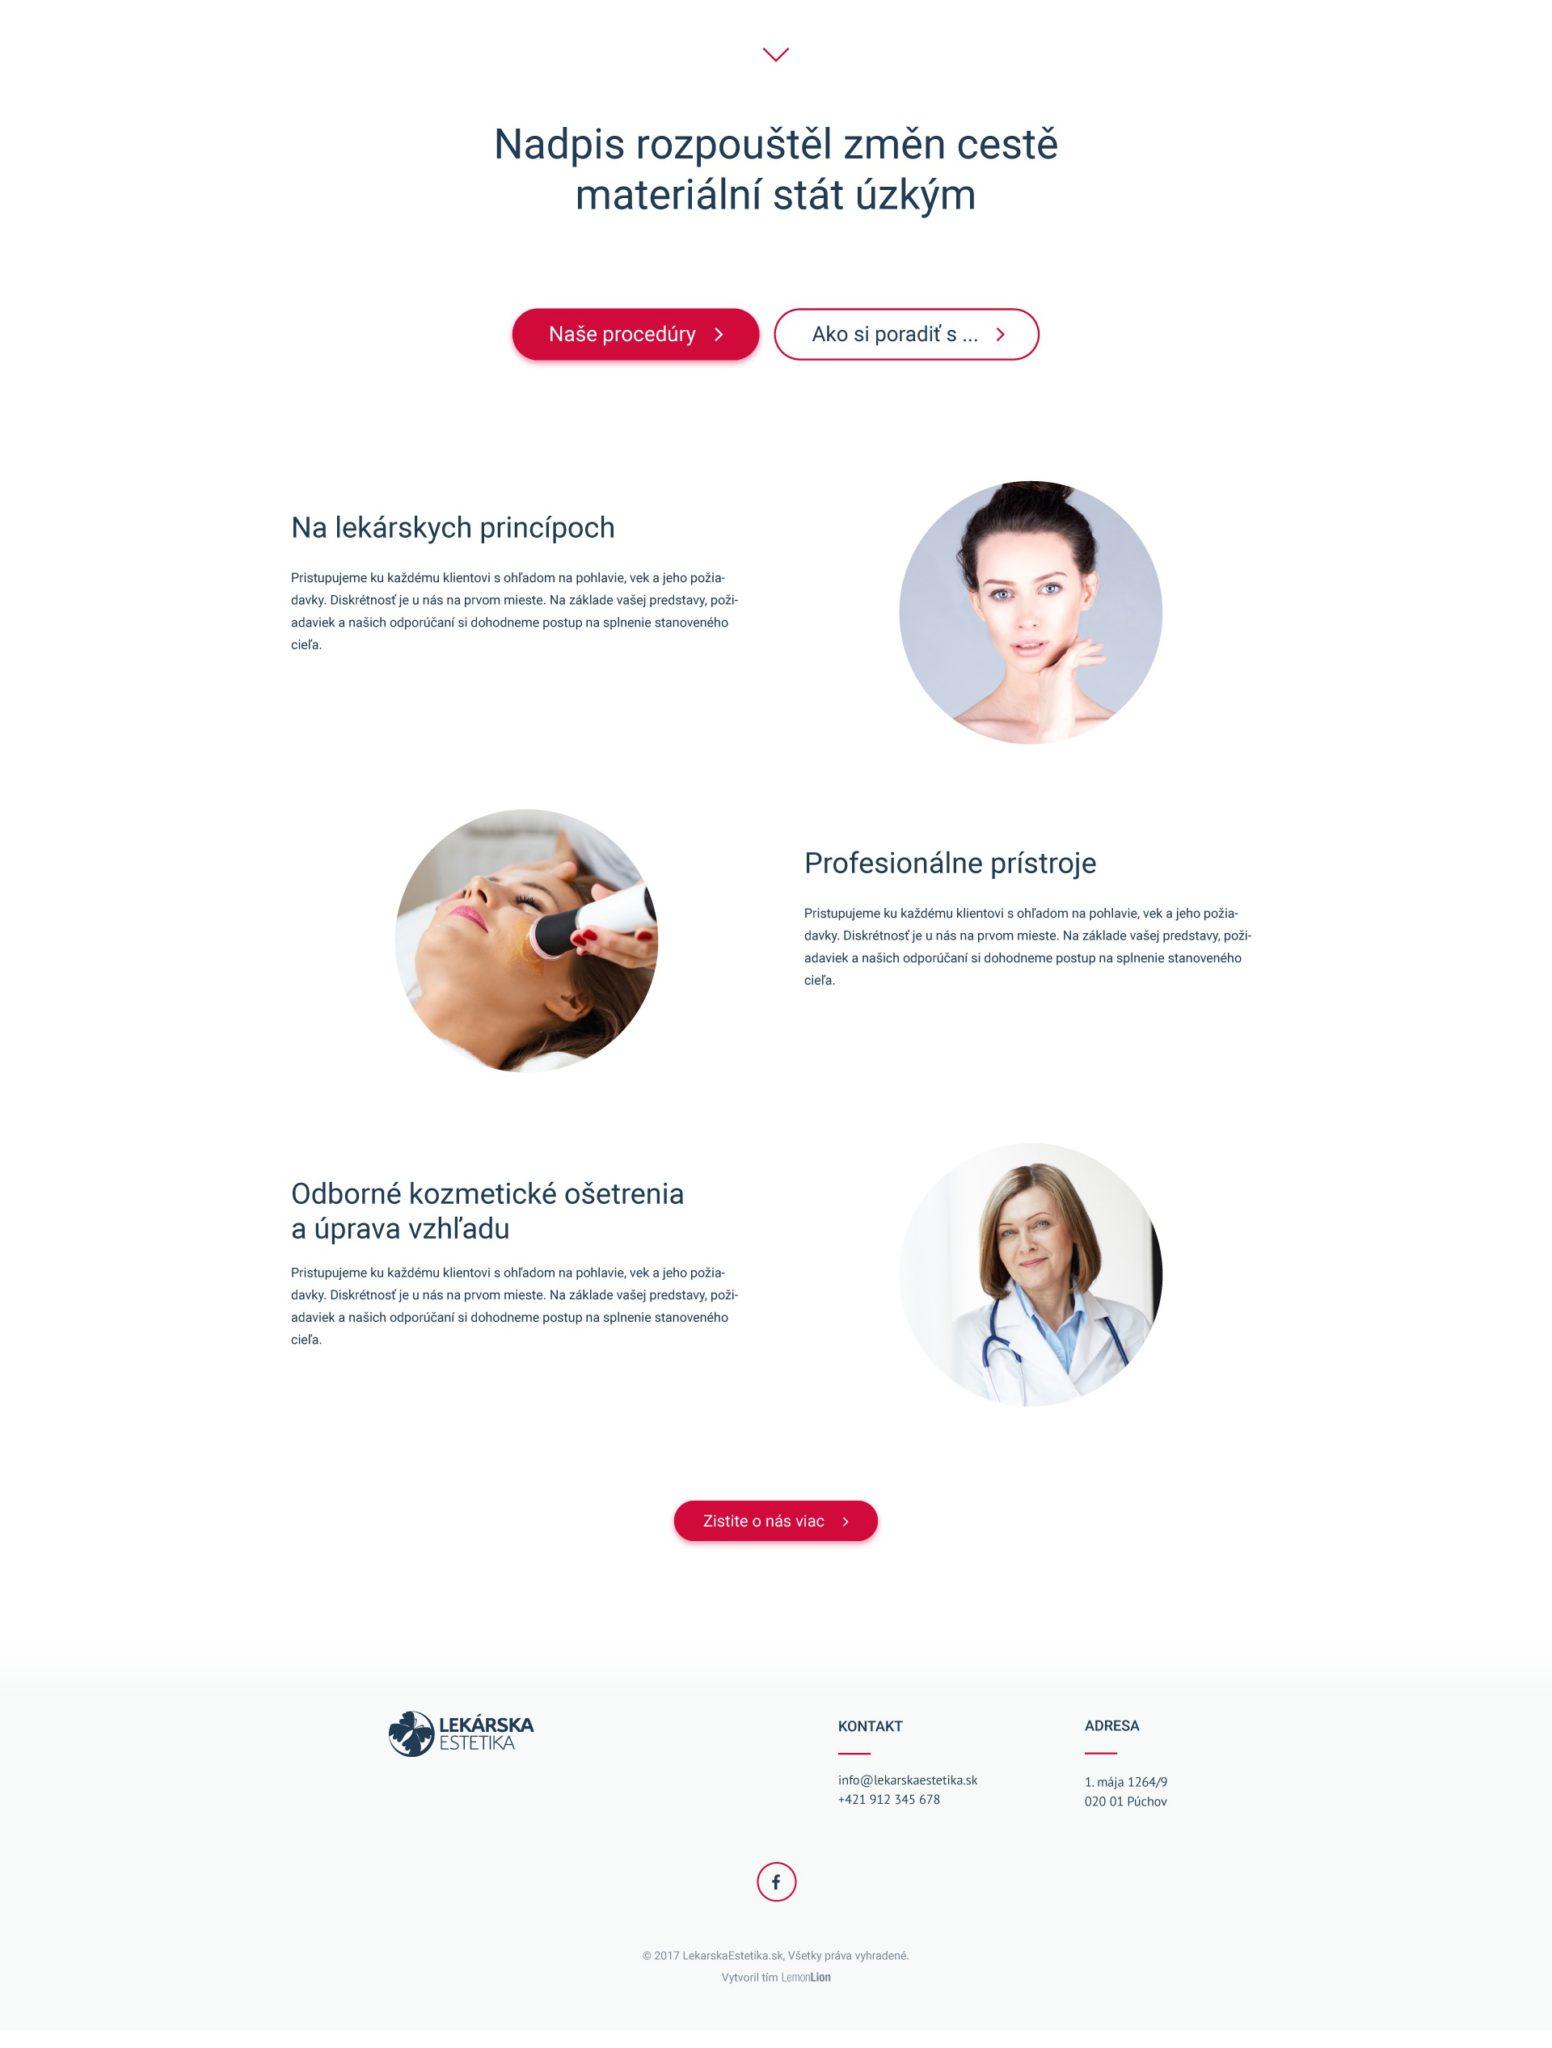 Lekárska estetika - Púchov